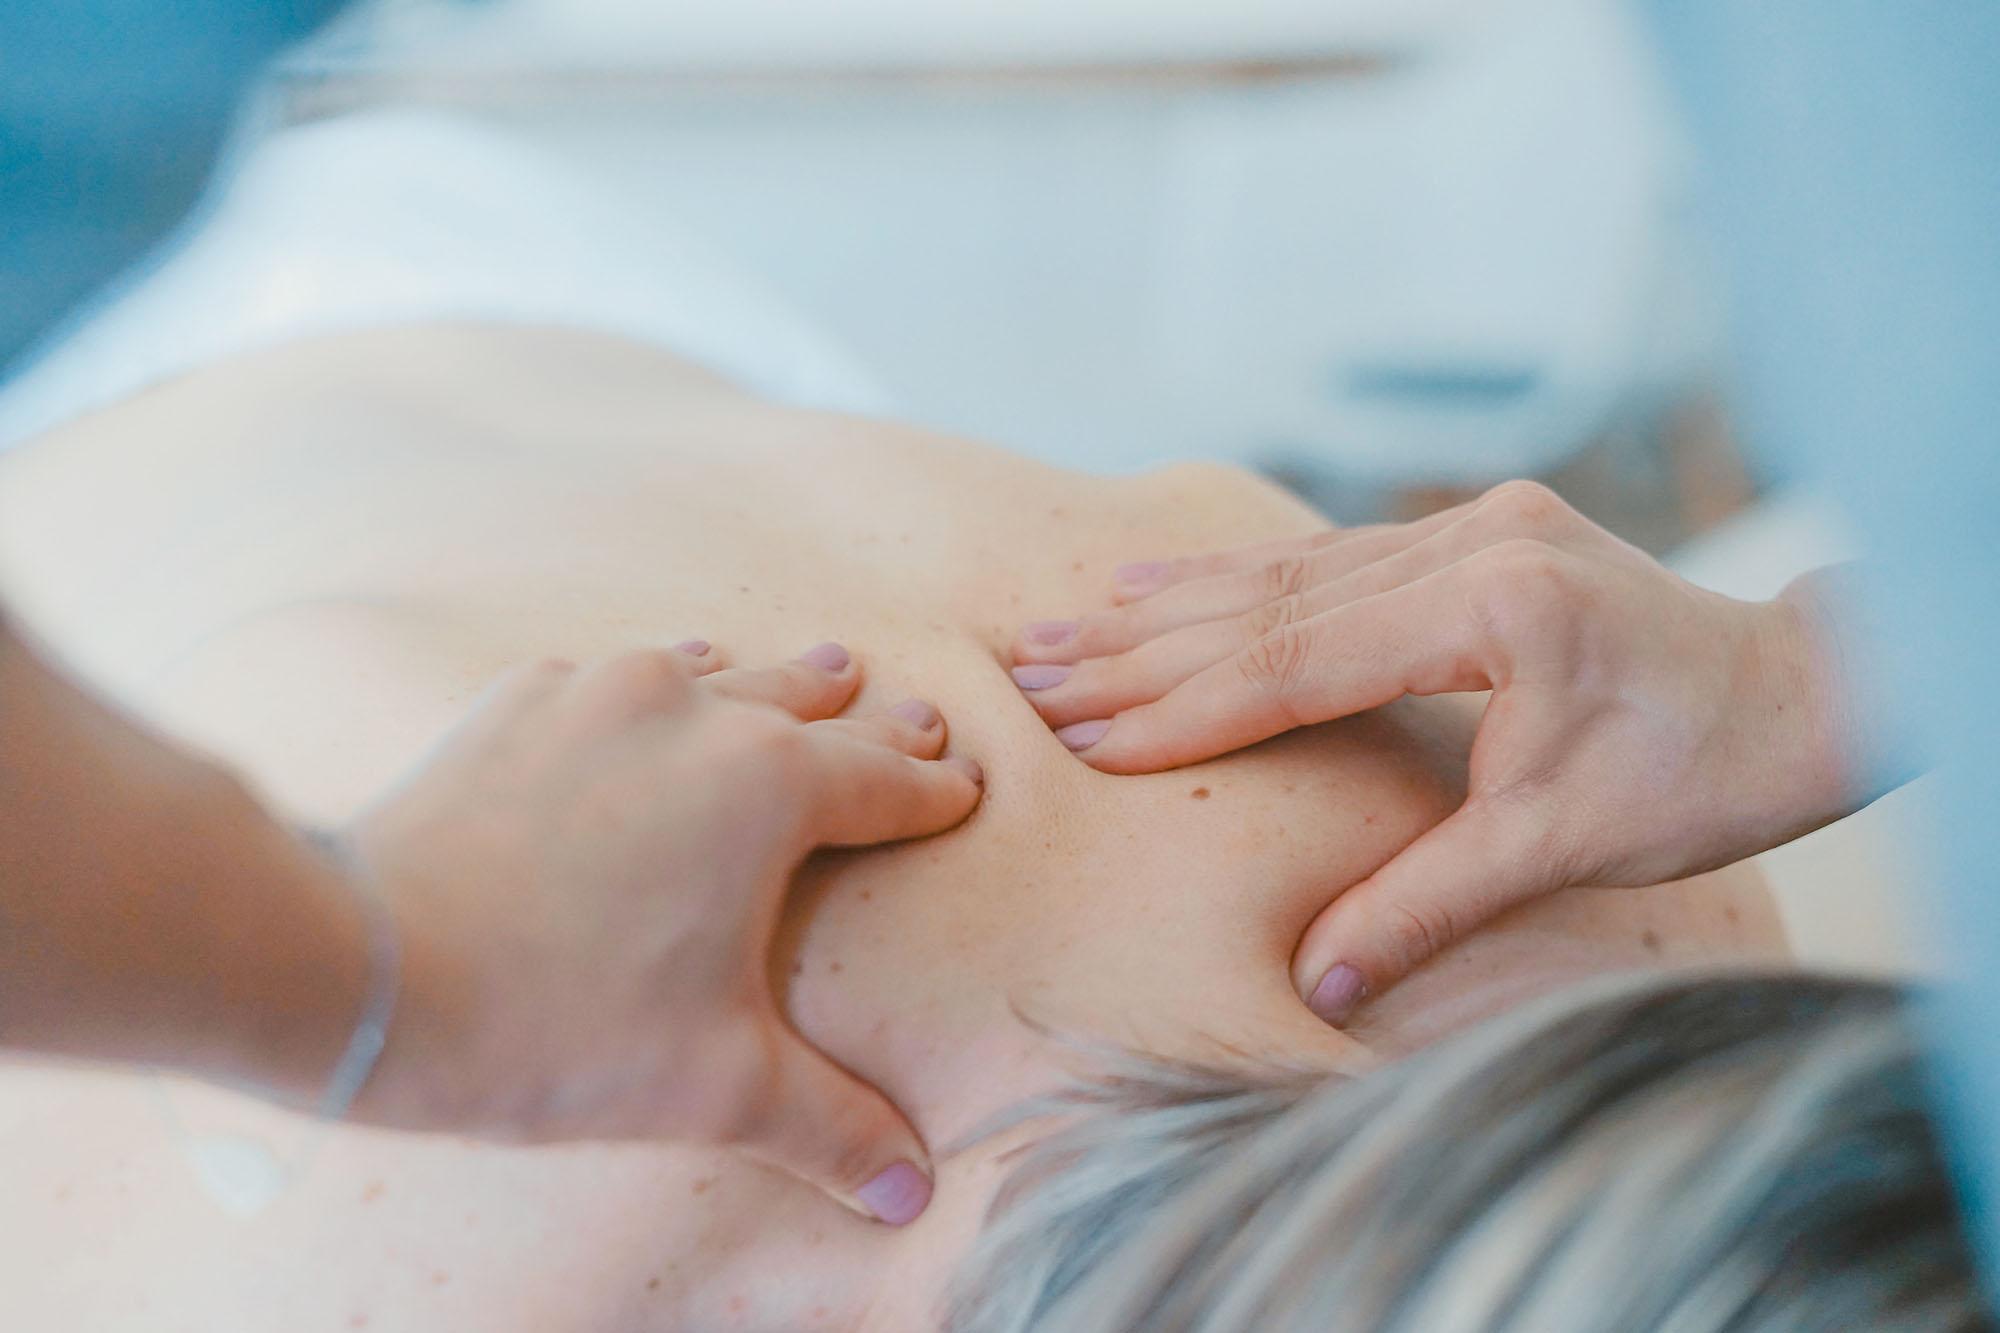 Un massaggiatore sta eseguendo un massaggio sulla schina di una donna